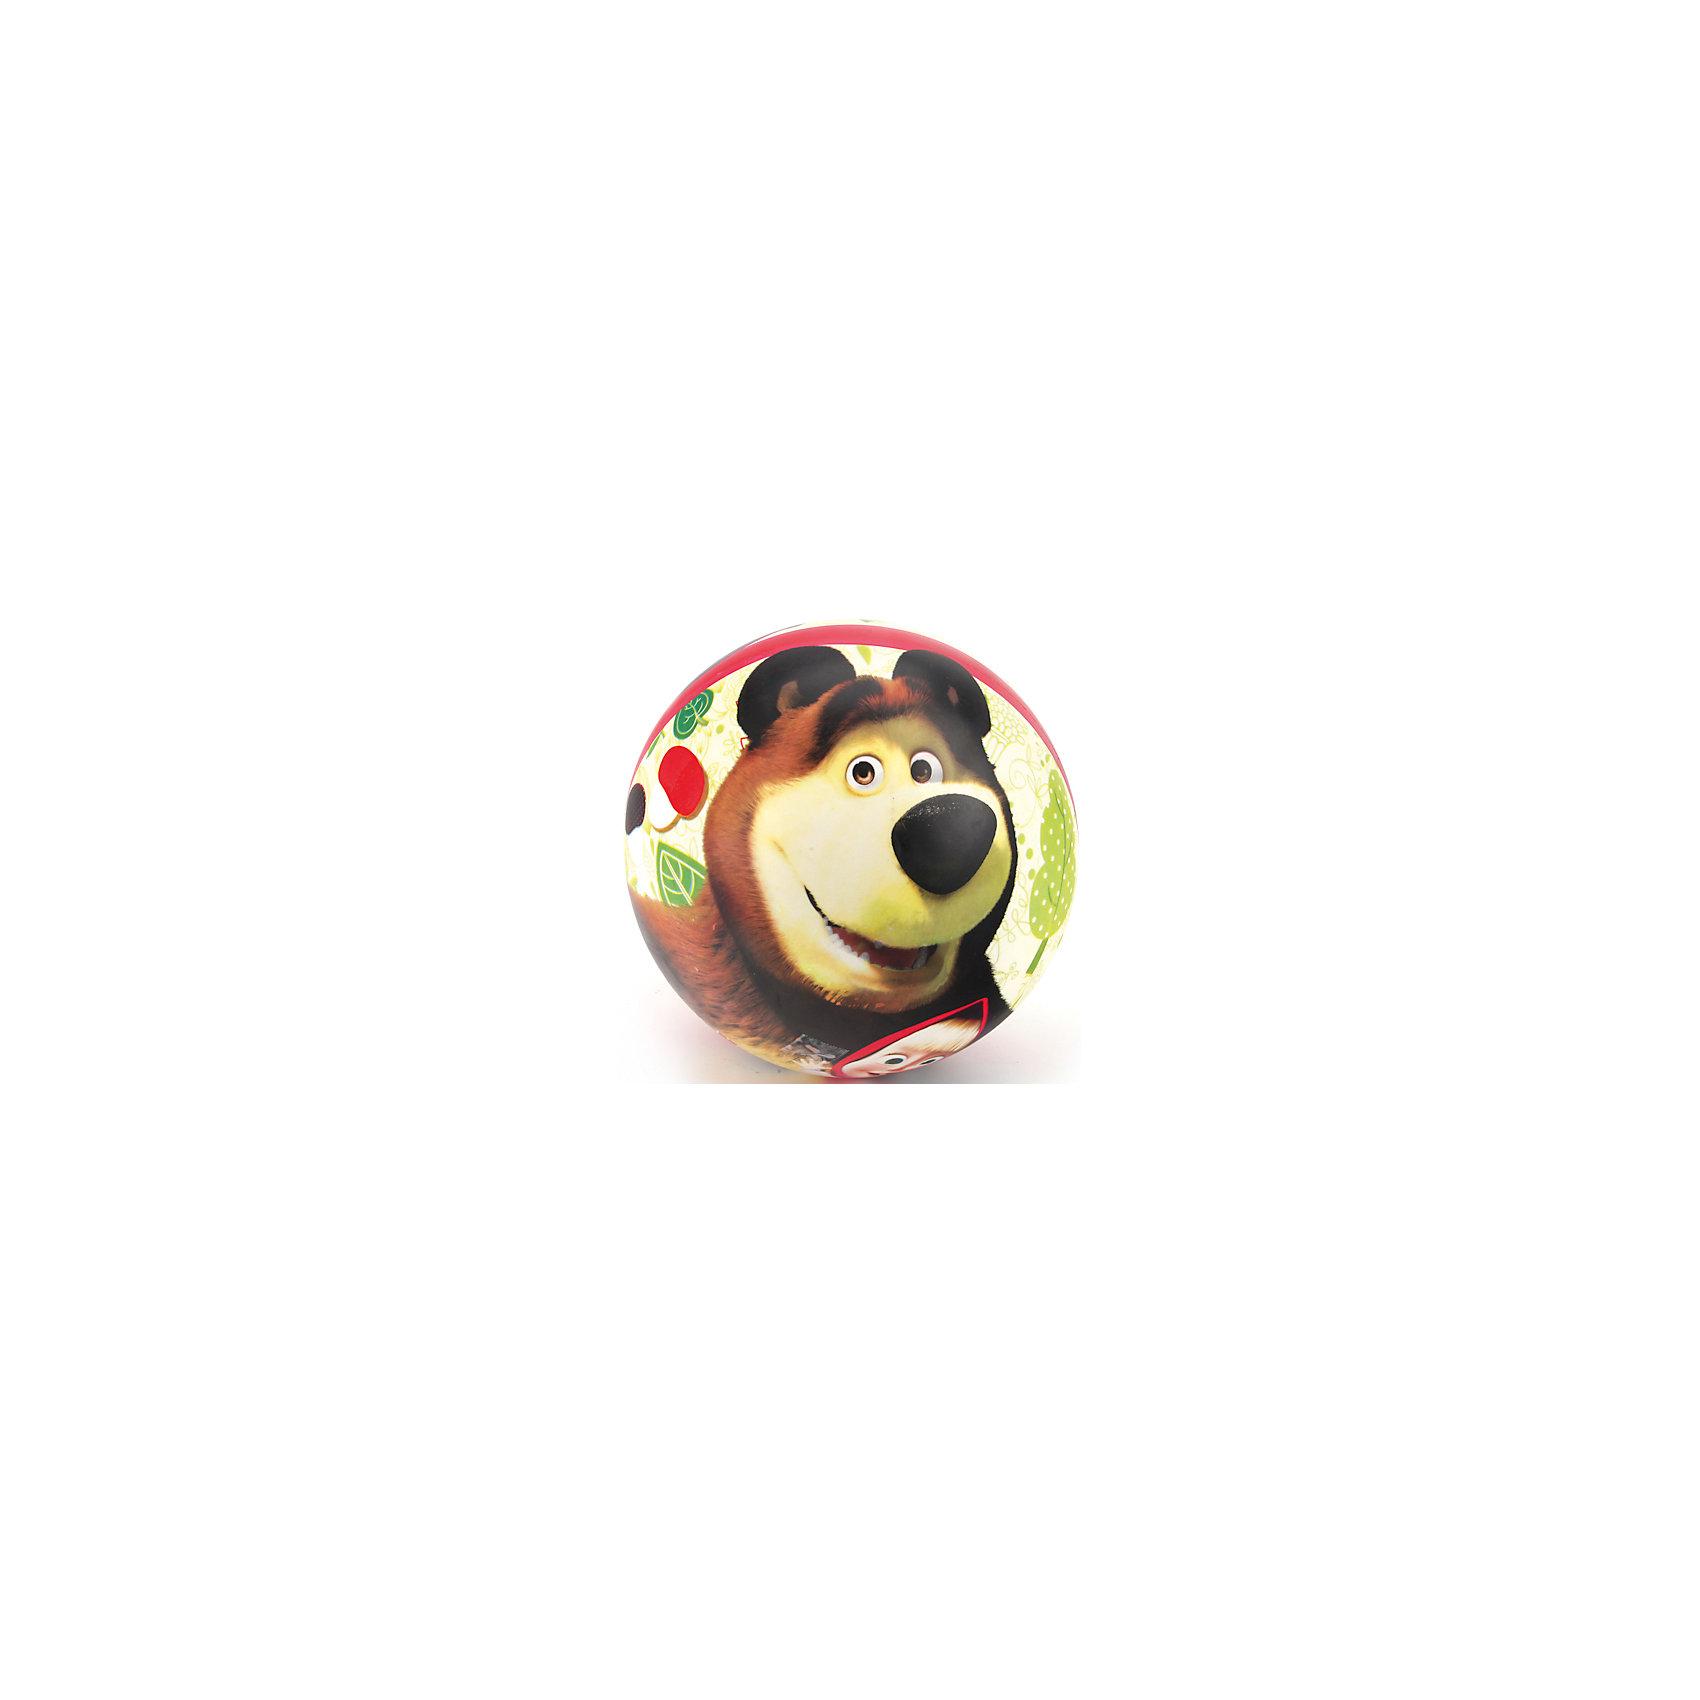 Играем вместе Мяч, 23 см, Маша и Медведь, Играем вместе игрушки для ванной играем вместе игрушка пвх играем вместе бычок